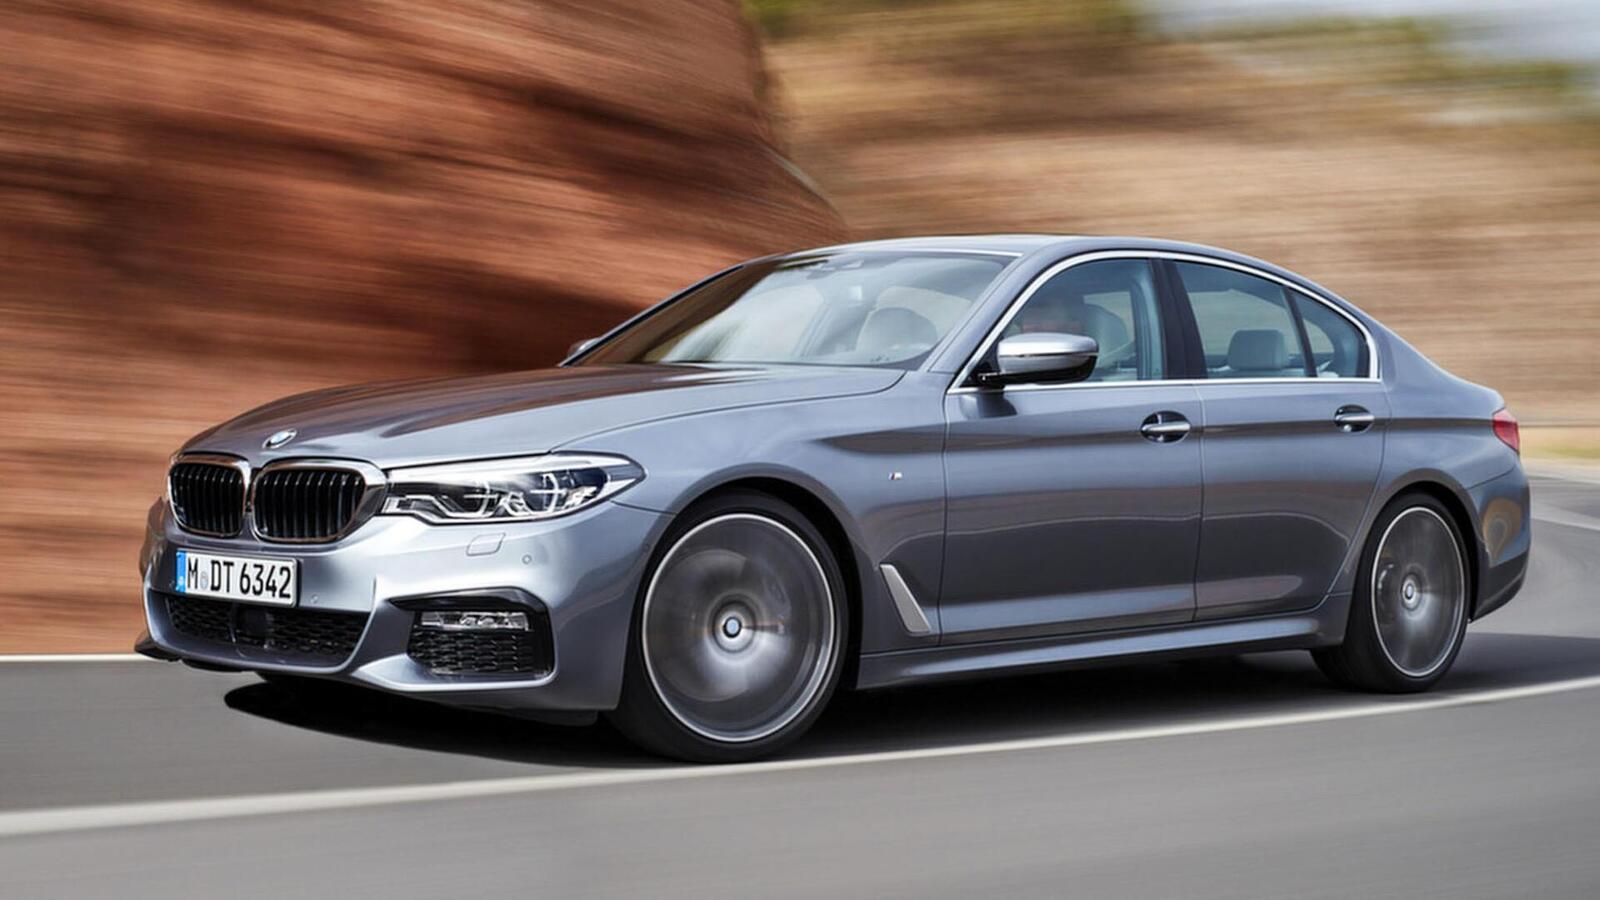 Lộ giá bán của BMW 520i và 530i thế hệ mới tại Việt Nam; từ 2,389 đến 3,069 tỷ đồng - Hình 1